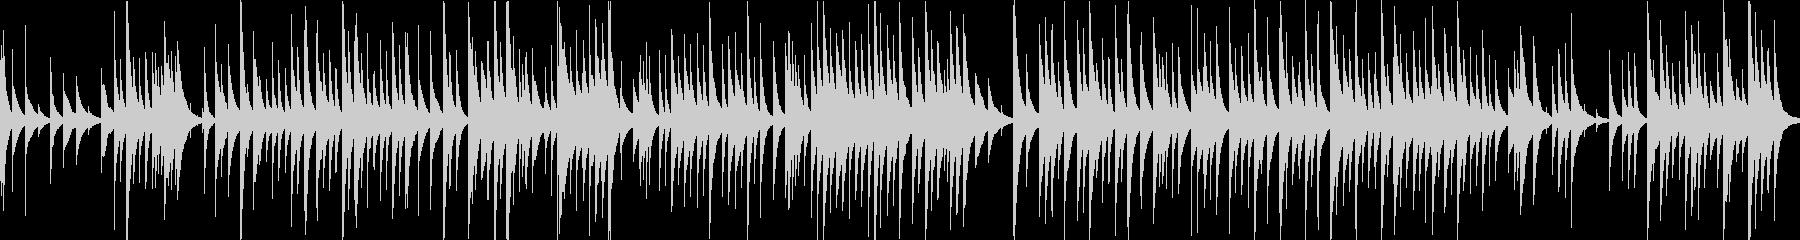 G線上のアリアのオルゴールアレンジの未再生の波形